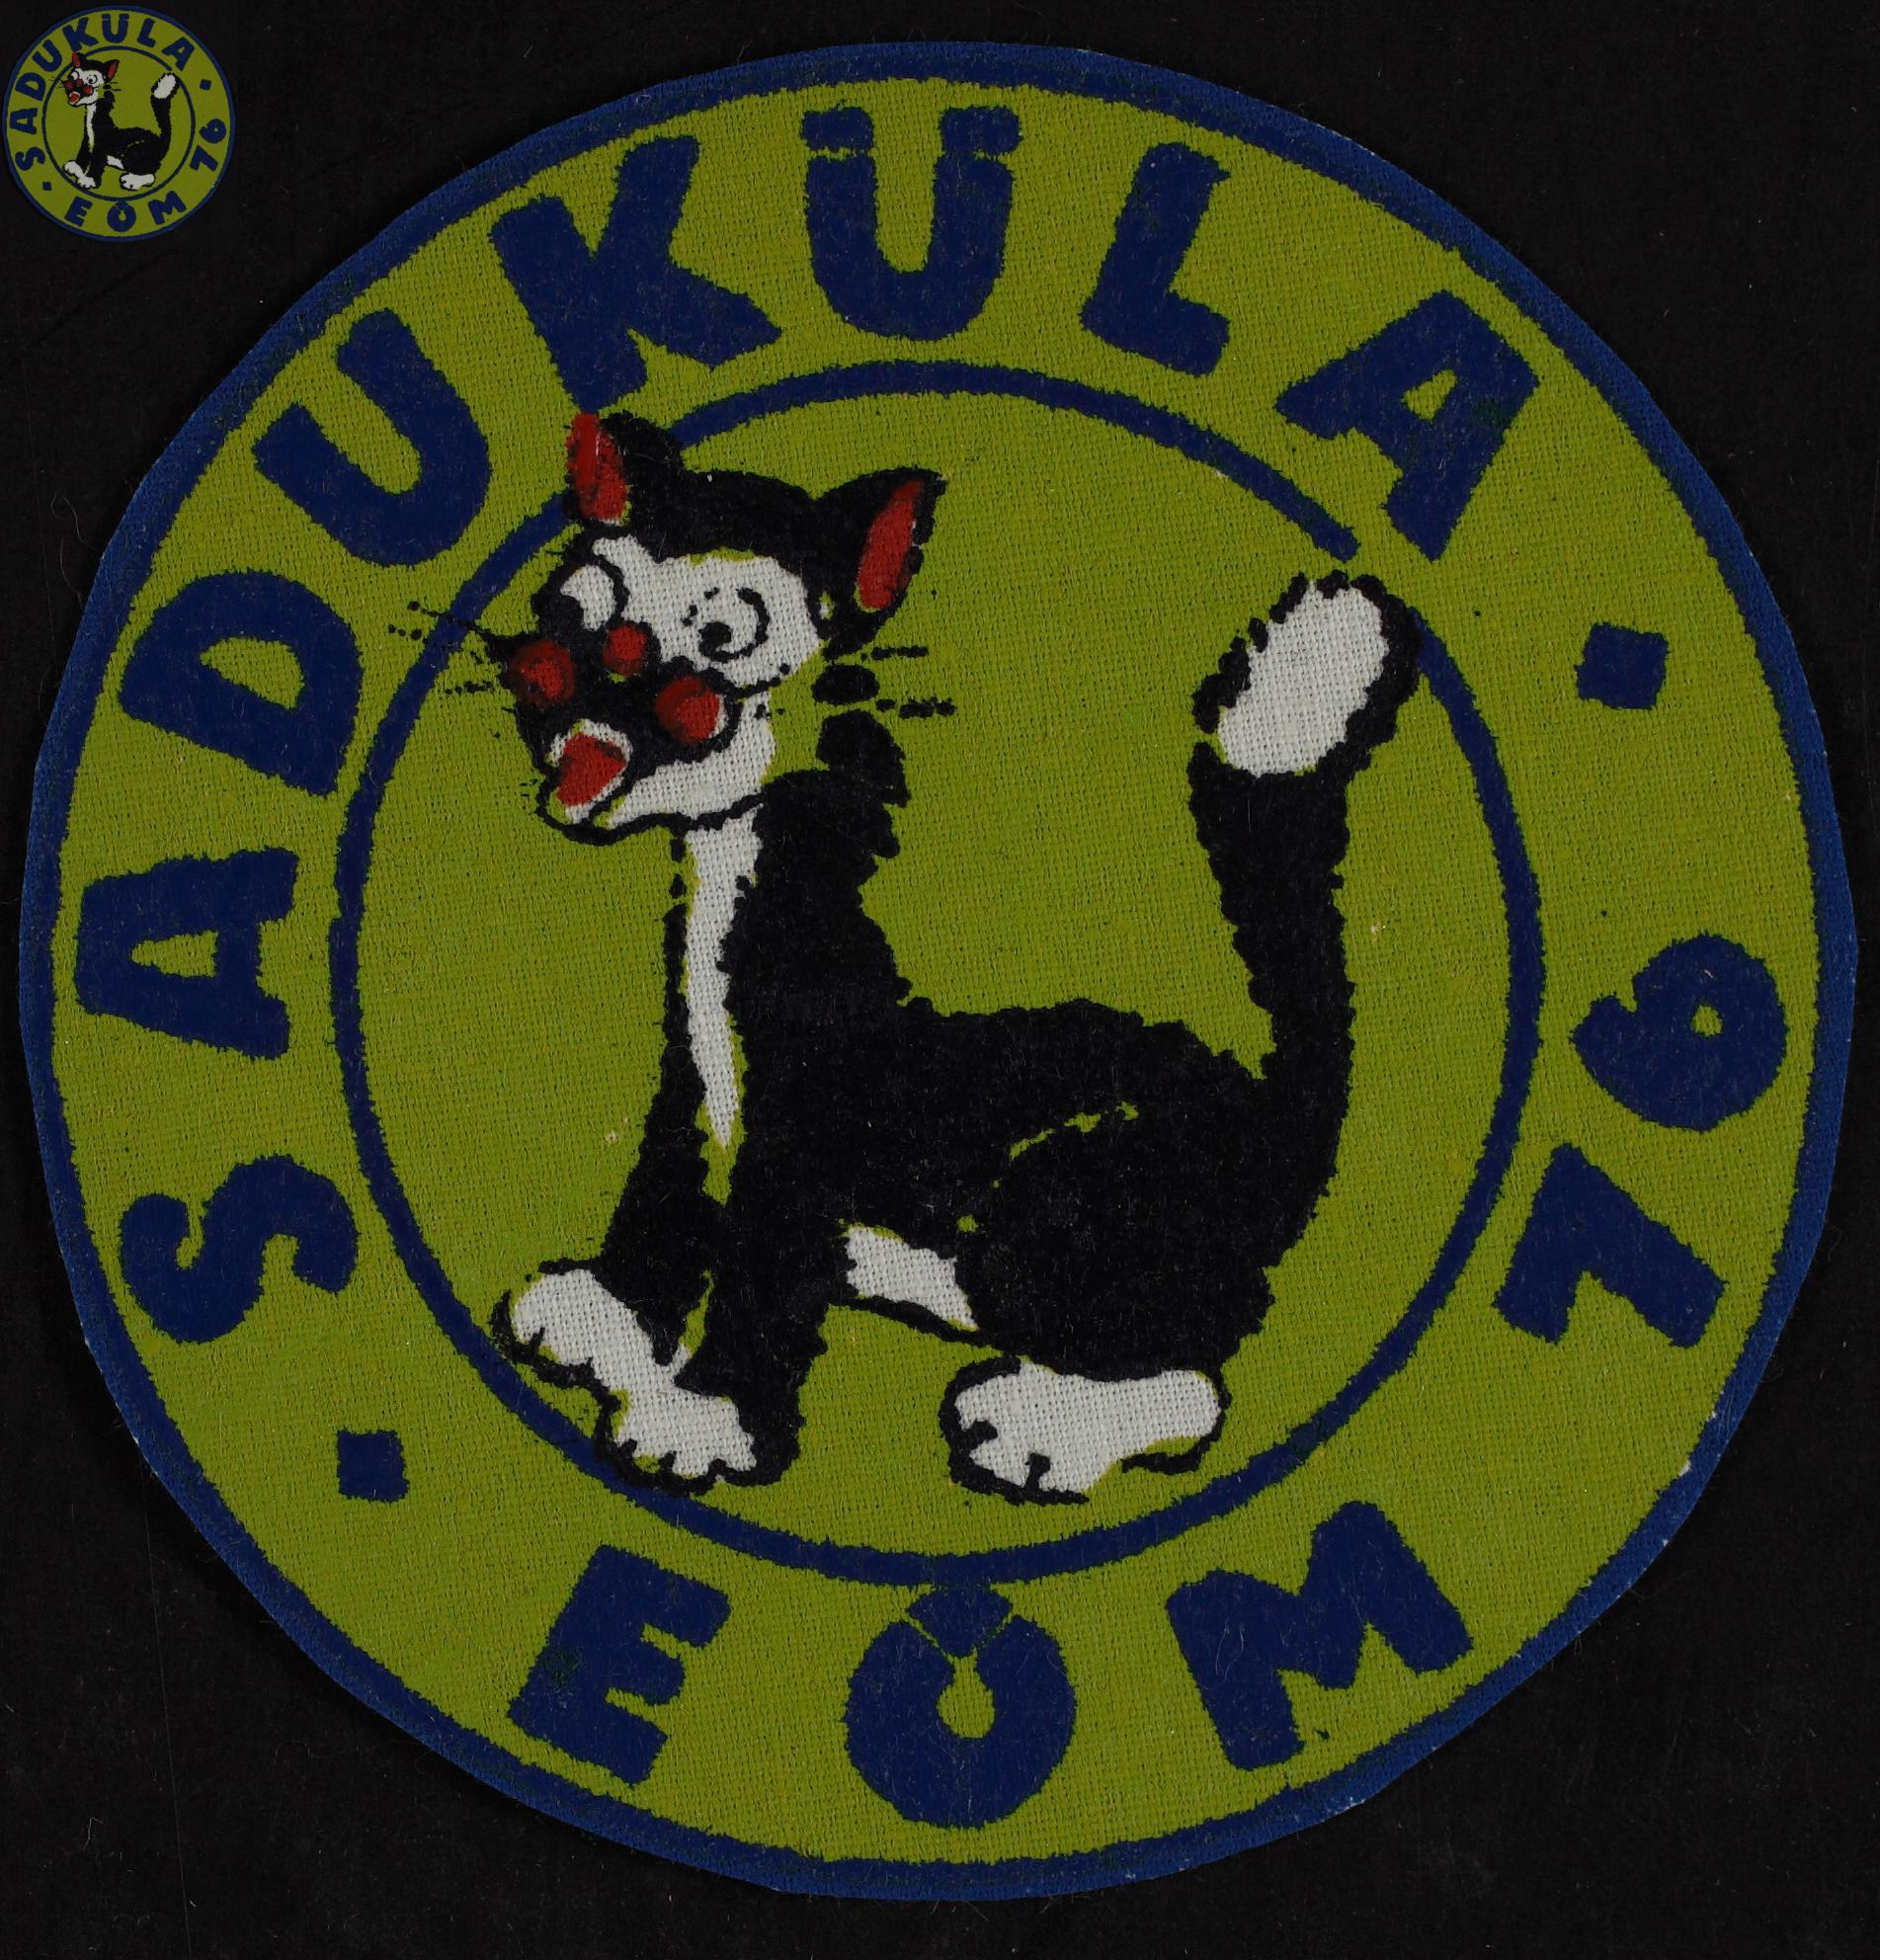 Maleva embleem, Saduküla 1976 / Secondary School Students' Building Brigade emblem, Saduküla 1976